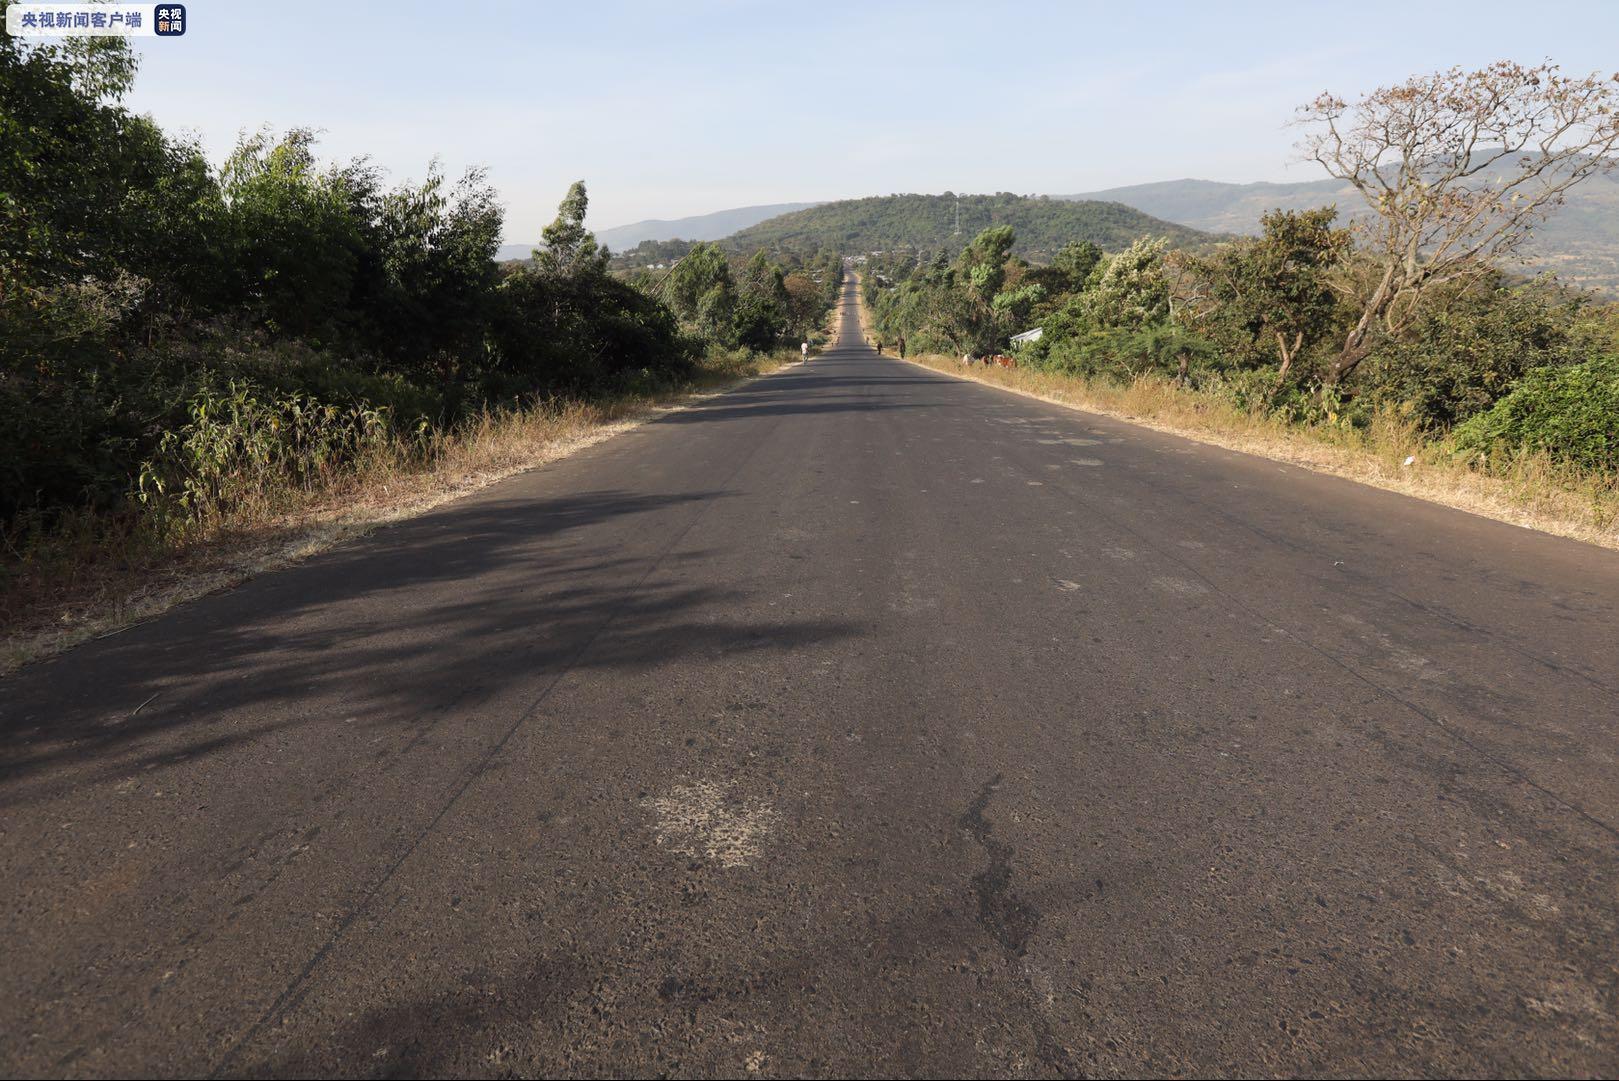 中国承建的埃塞俄比亚米迪公路项目交工验收图片